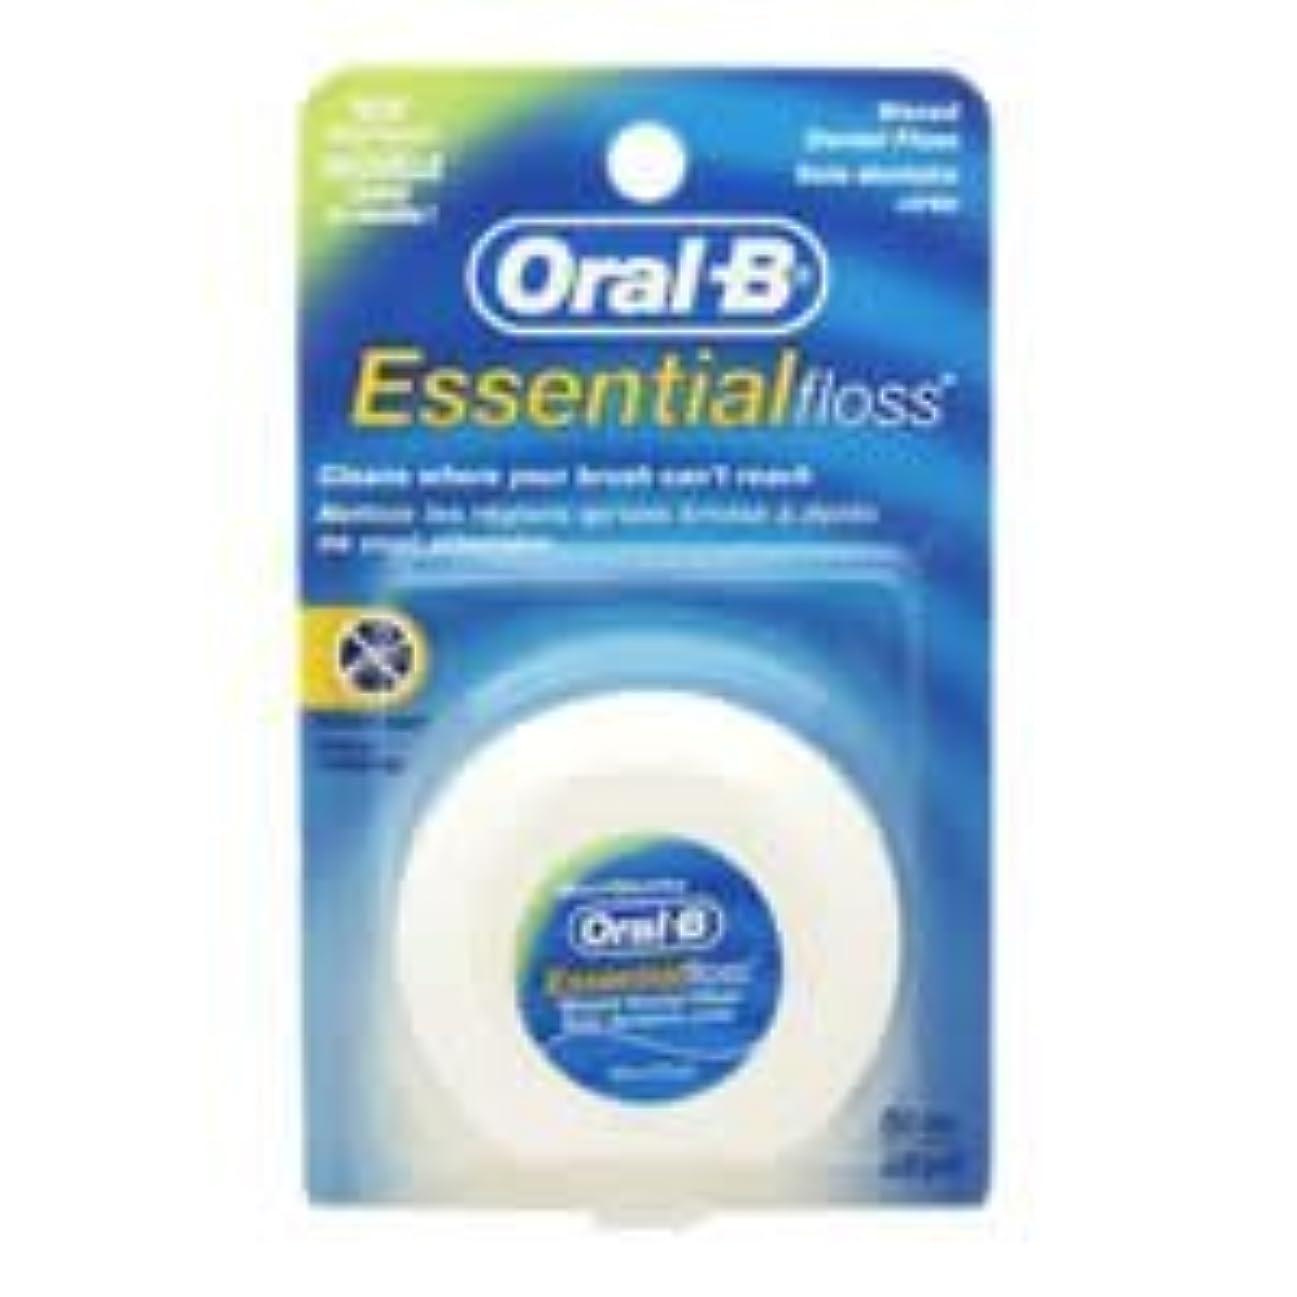 弾性パフ土Oral-B Essential Waxed Dental Floss Mint by Oral-B